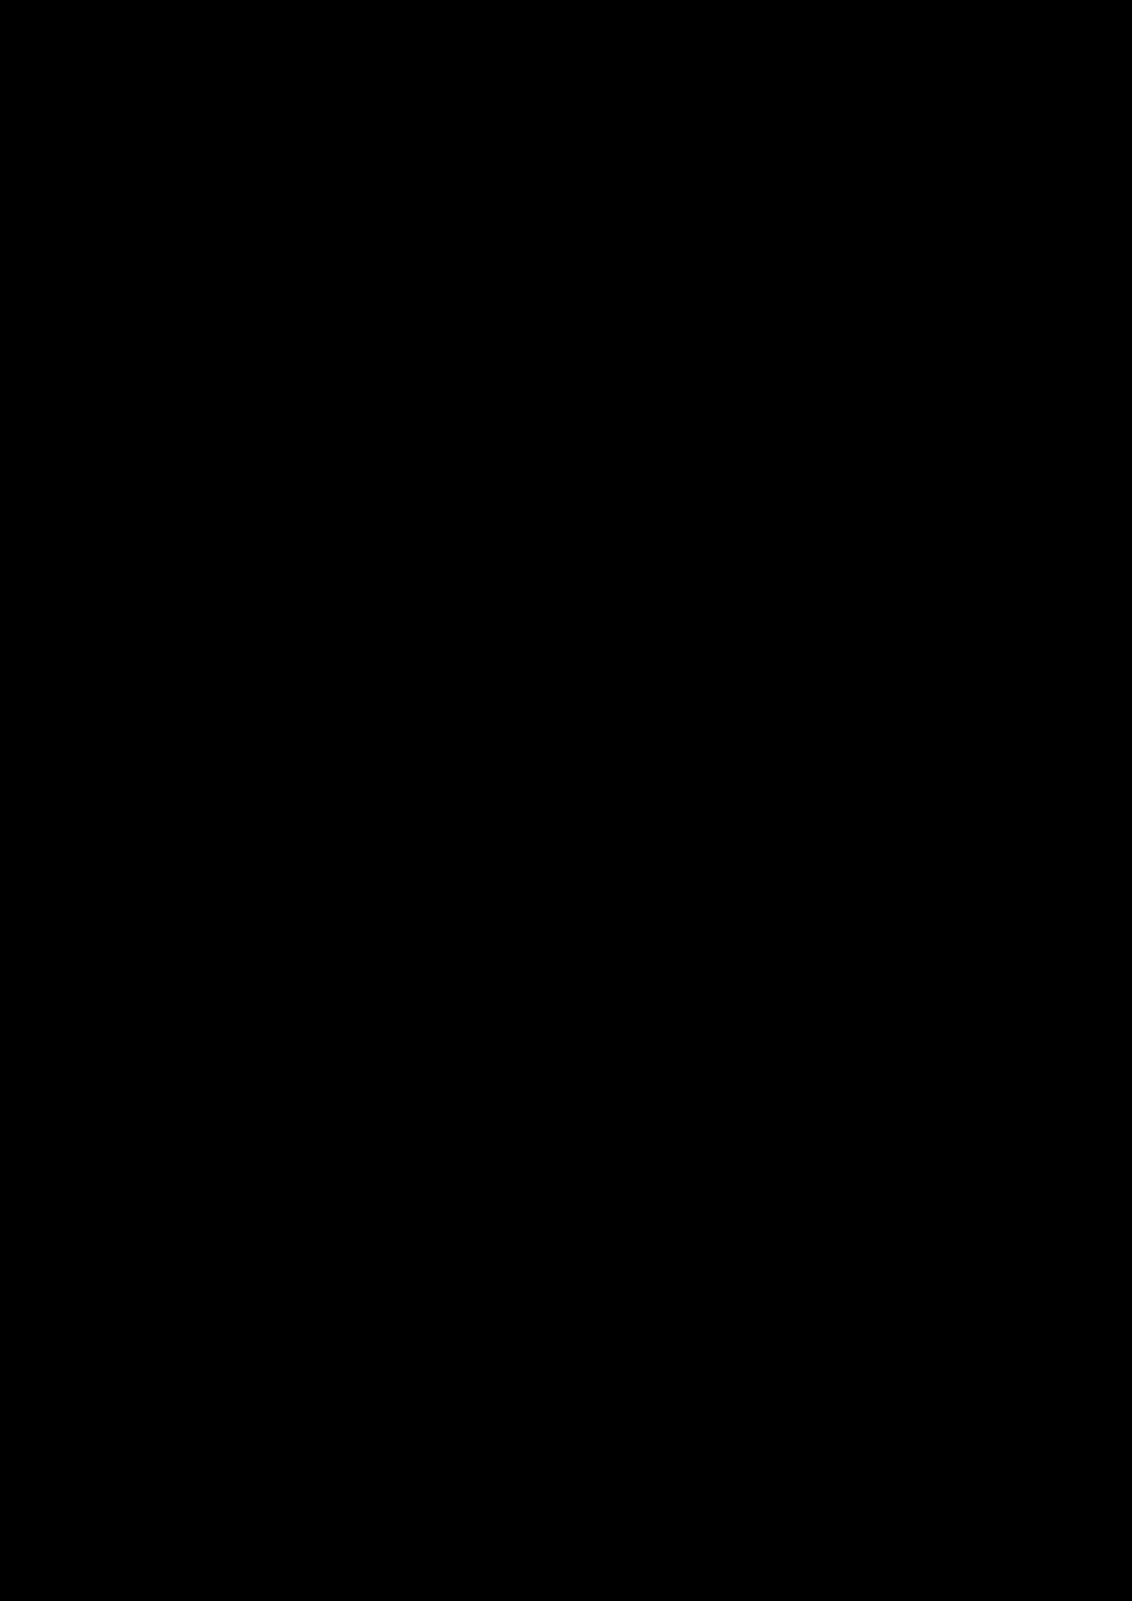 Proschanie s volshebnoy stranoy slide, Image 73